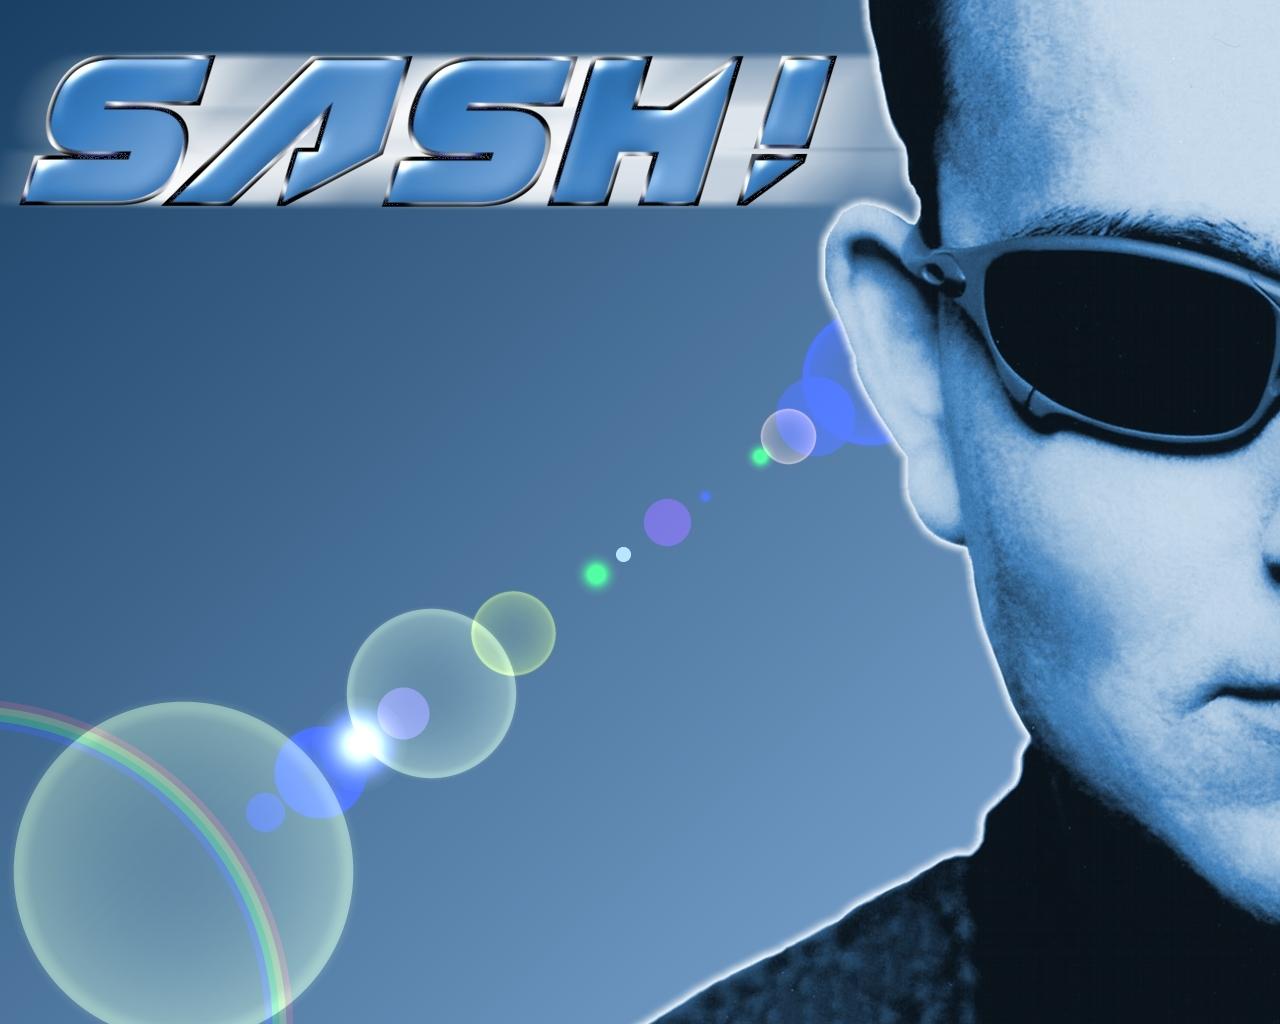 Sash!